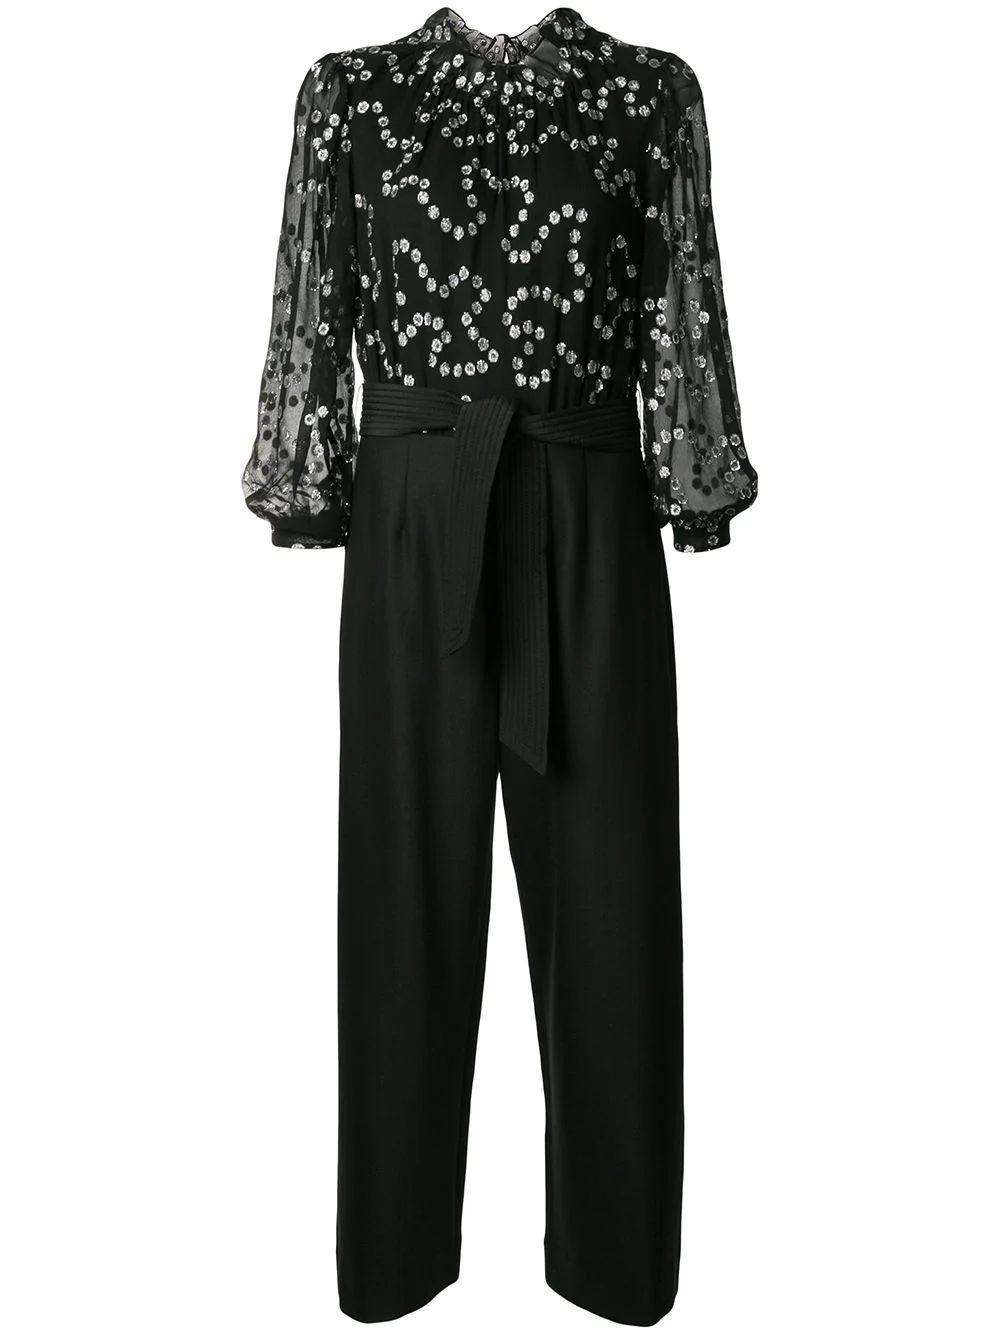 Long Sleeve Metallic Nuage Jumpsuit Item # 819780P354